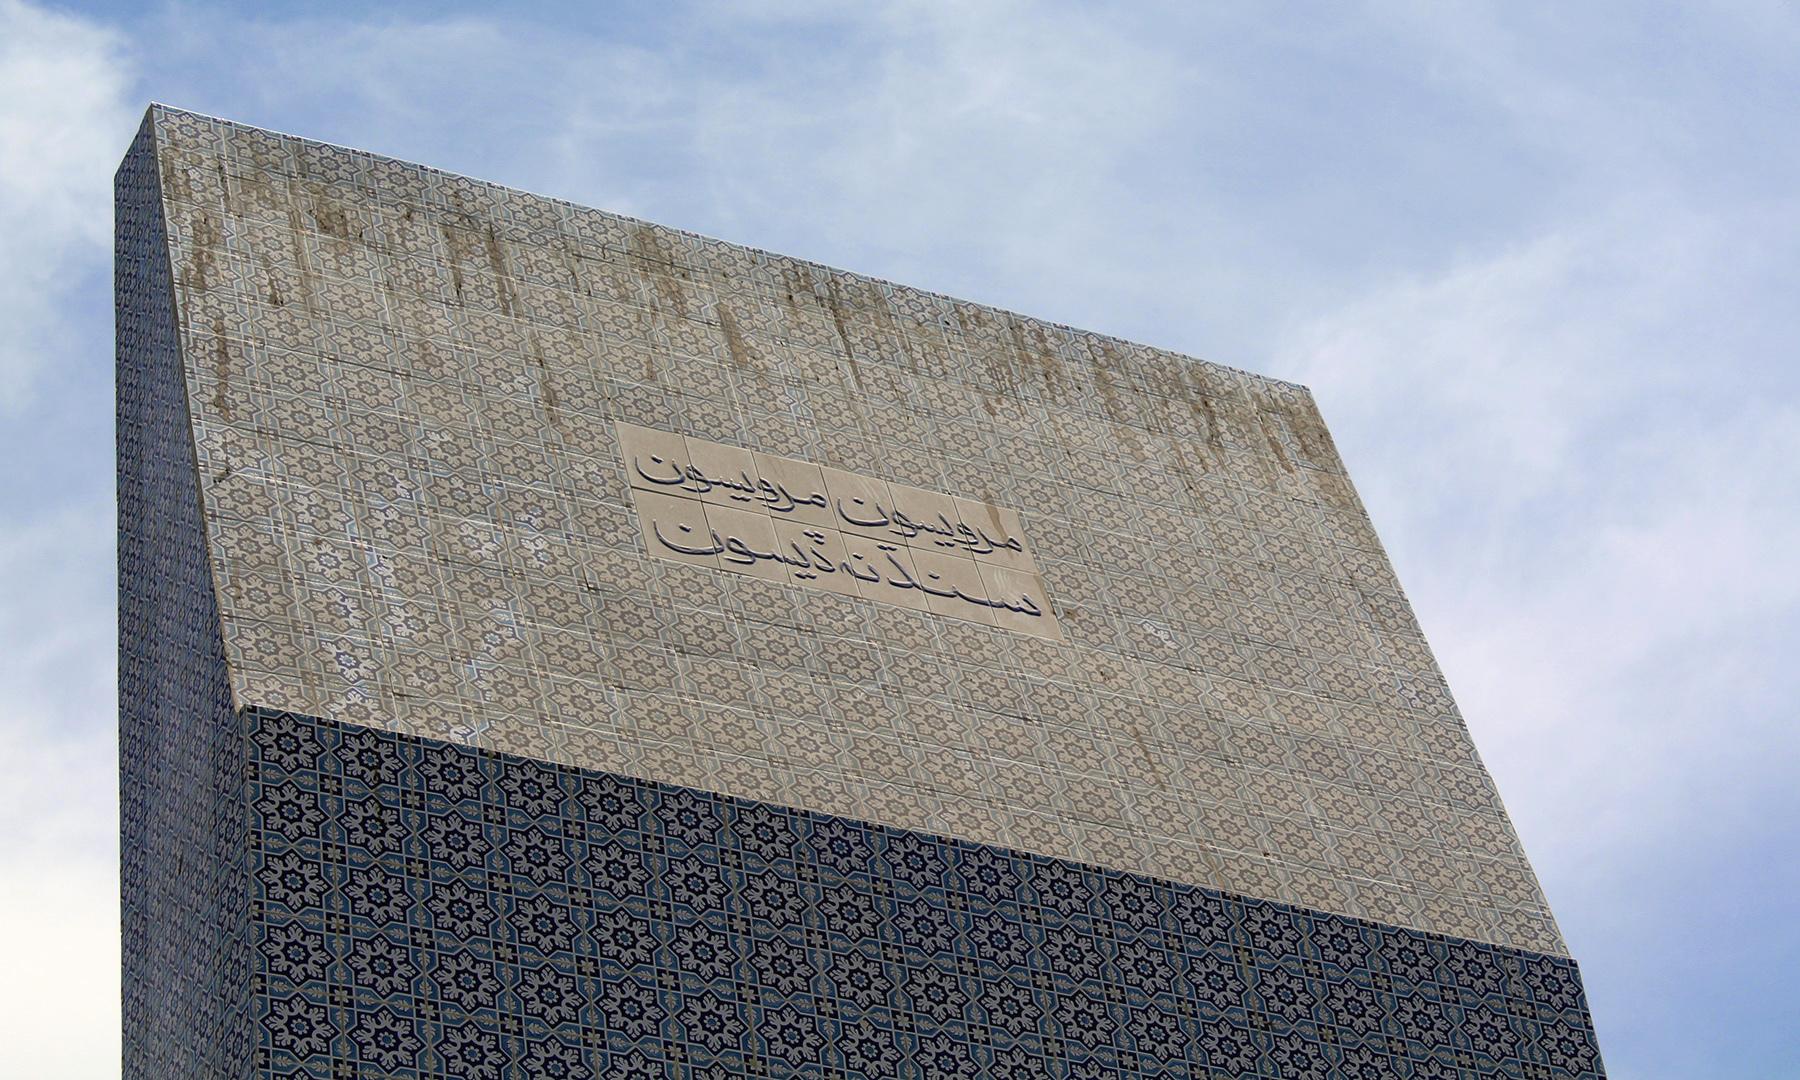 ہوشو شیدی سے منسوب یادگار جہاں ان کا مشہور نعرہ 'مرویسوں مرویسوں، سندھ نہ ڈیسوں' (مر جائیں گے، سندھ نہیں دیں گے) لکھا ہے — تصویر اختر حفیظ